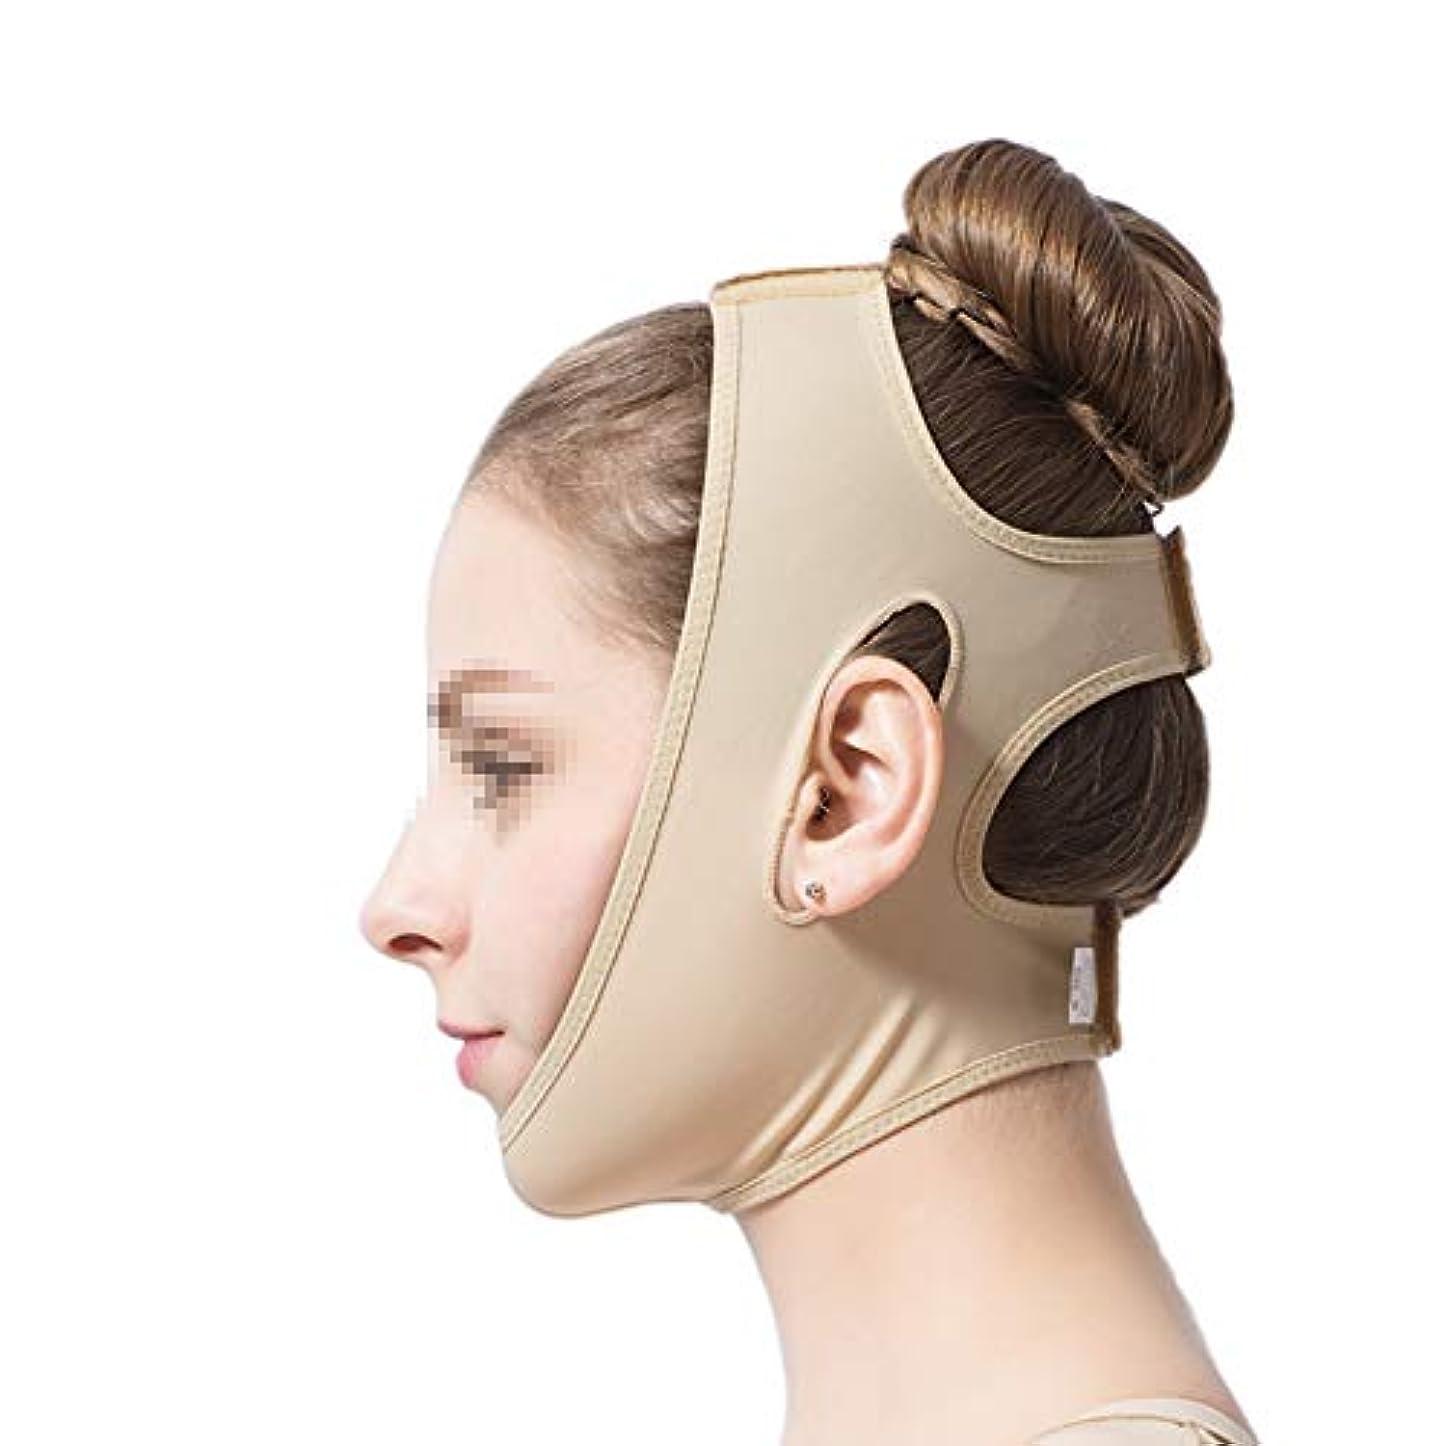 仕える球状同一性フェイスリフトマスク、下顎袖医療グレード脂肪吸引術整形弾性ヘッドギアダブルあご顔ライン彫刻圧力包帯 (Size : S)